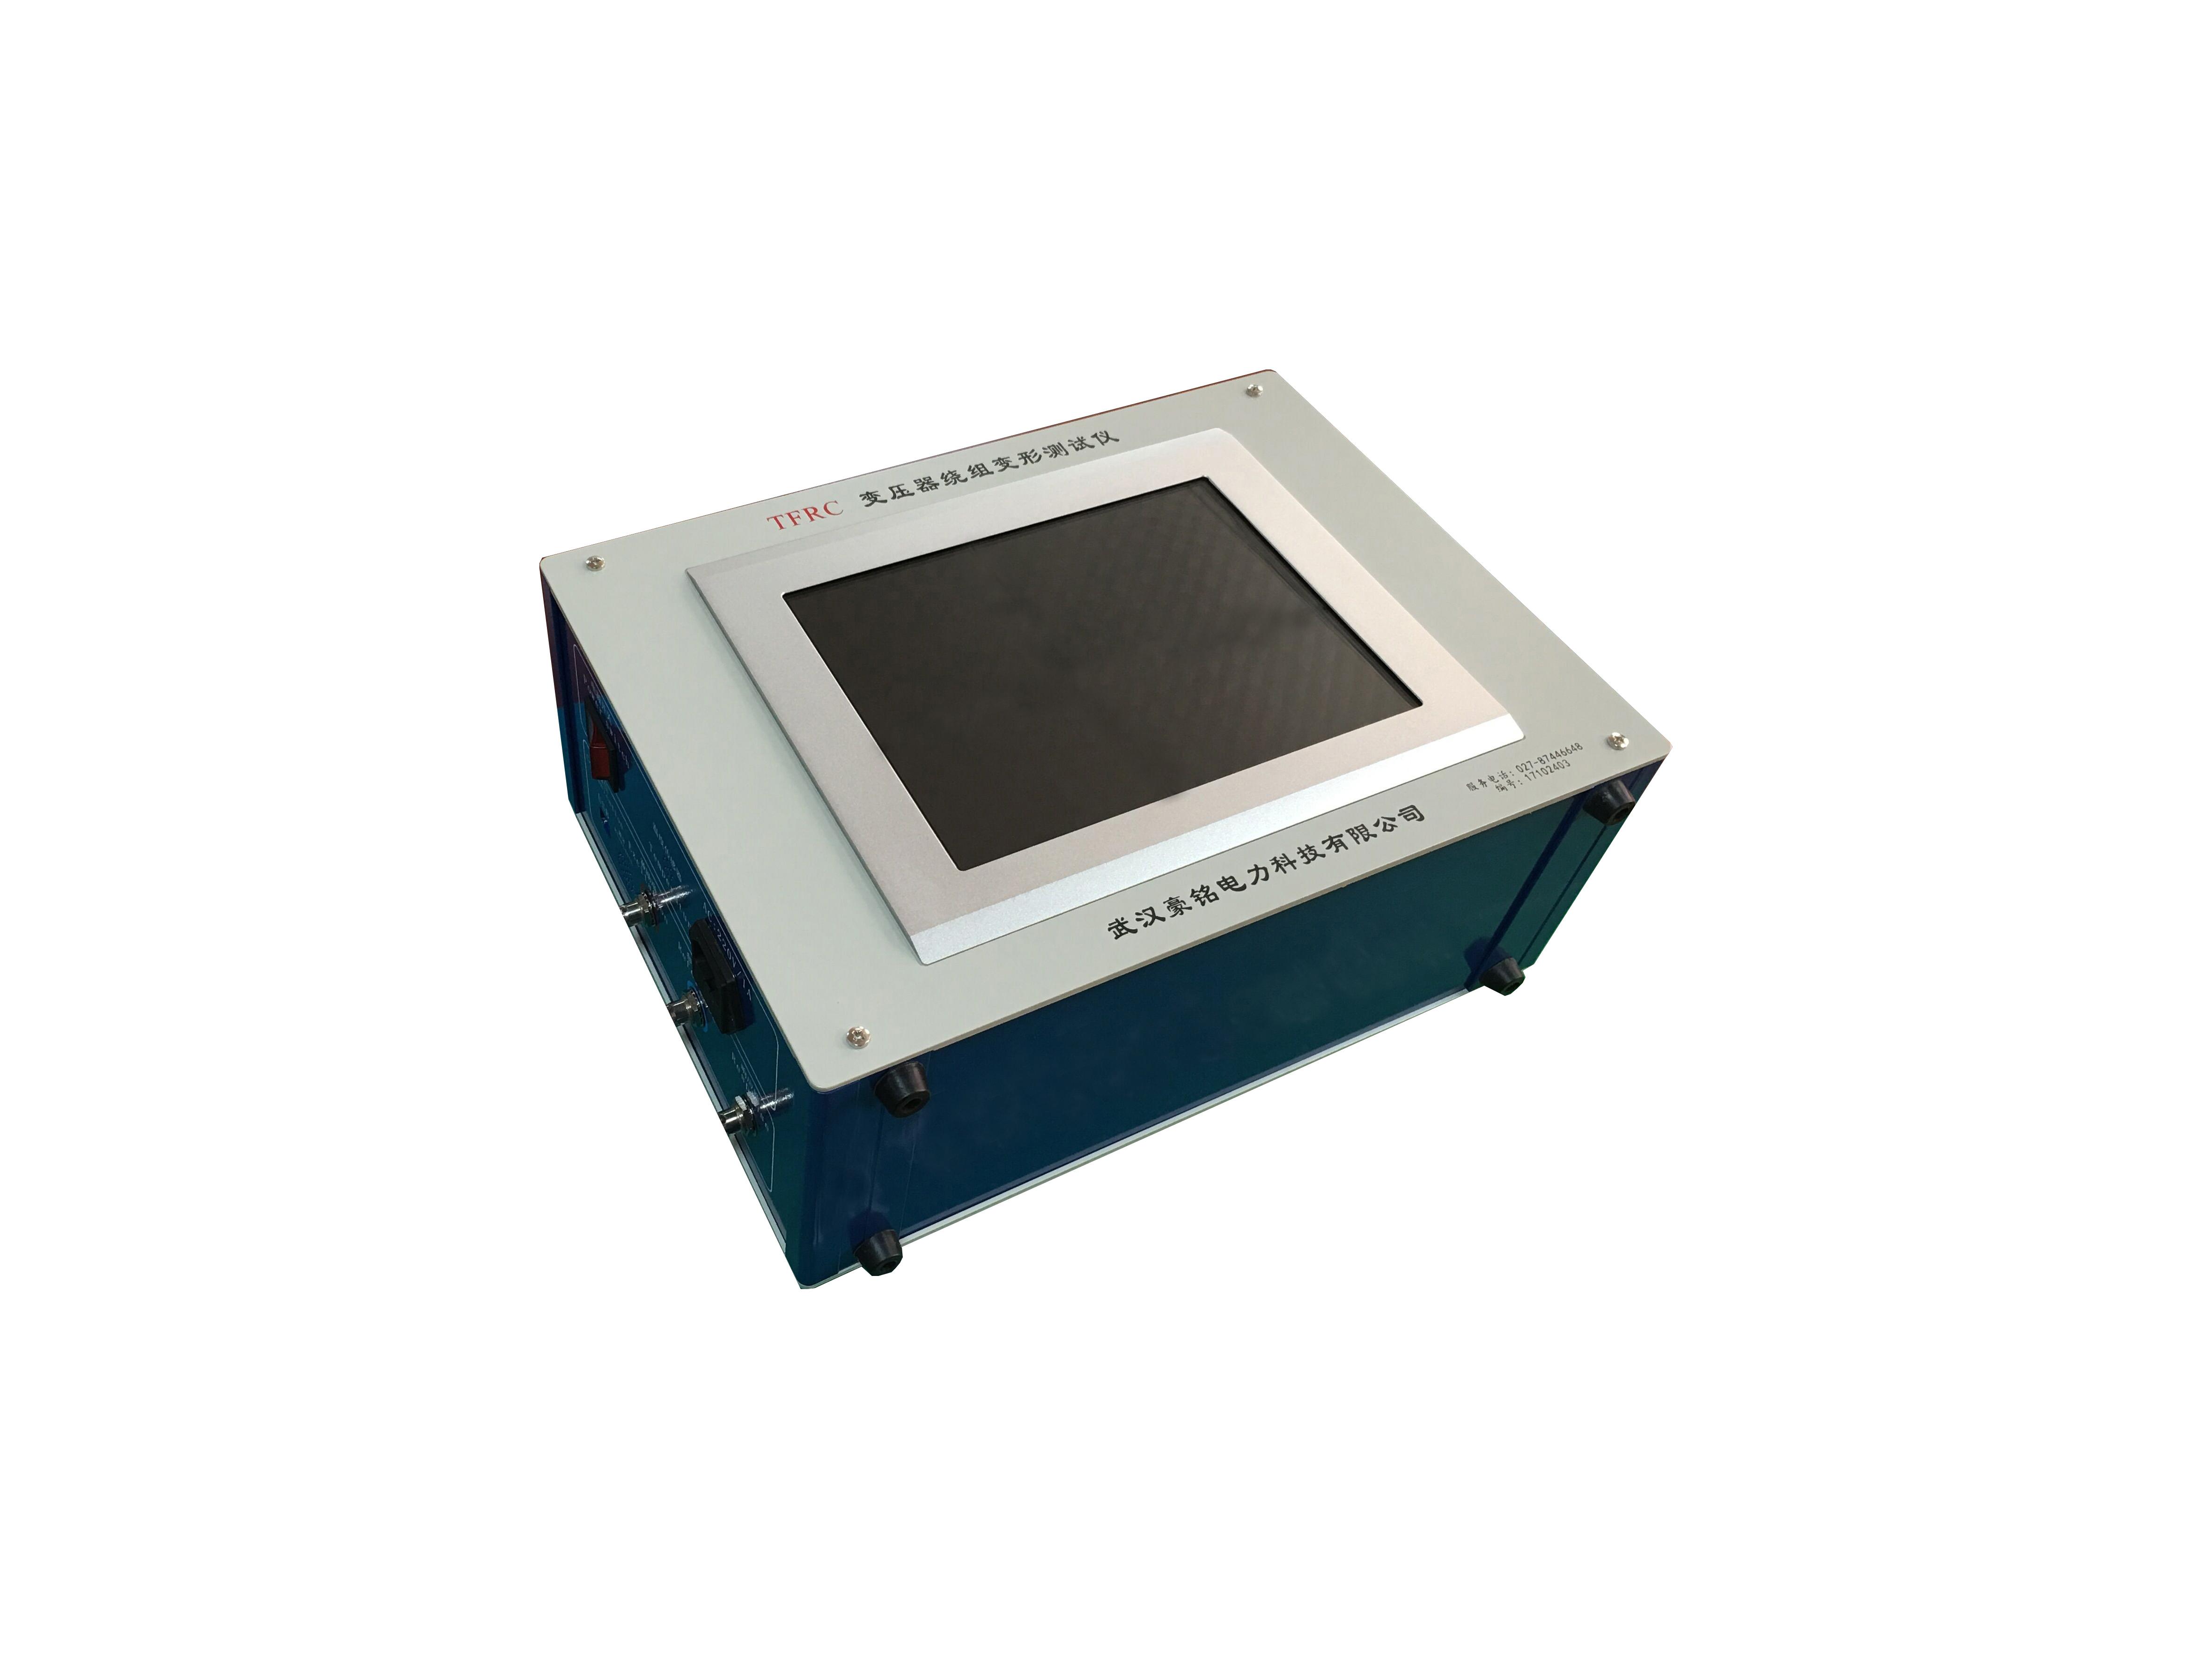 TFRC變壓器繞組變形測試儀